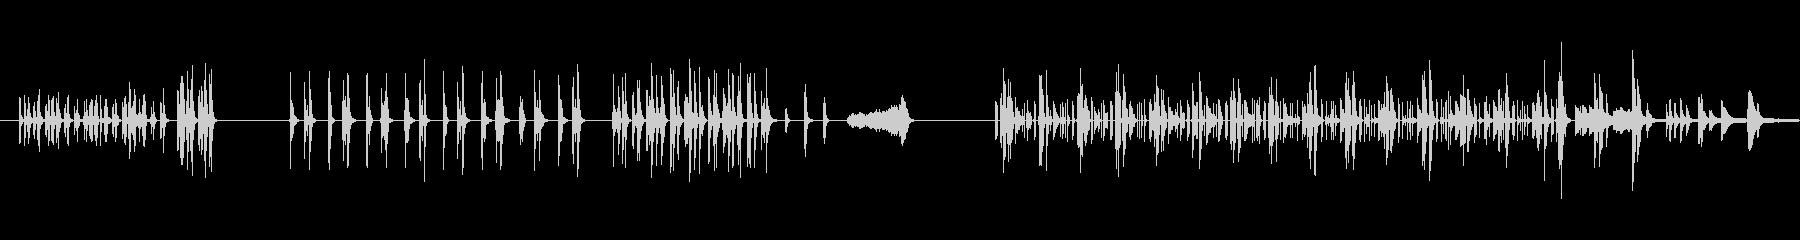 リズミカルで、曲調がコロコロと変わる音楽の未再生の波形